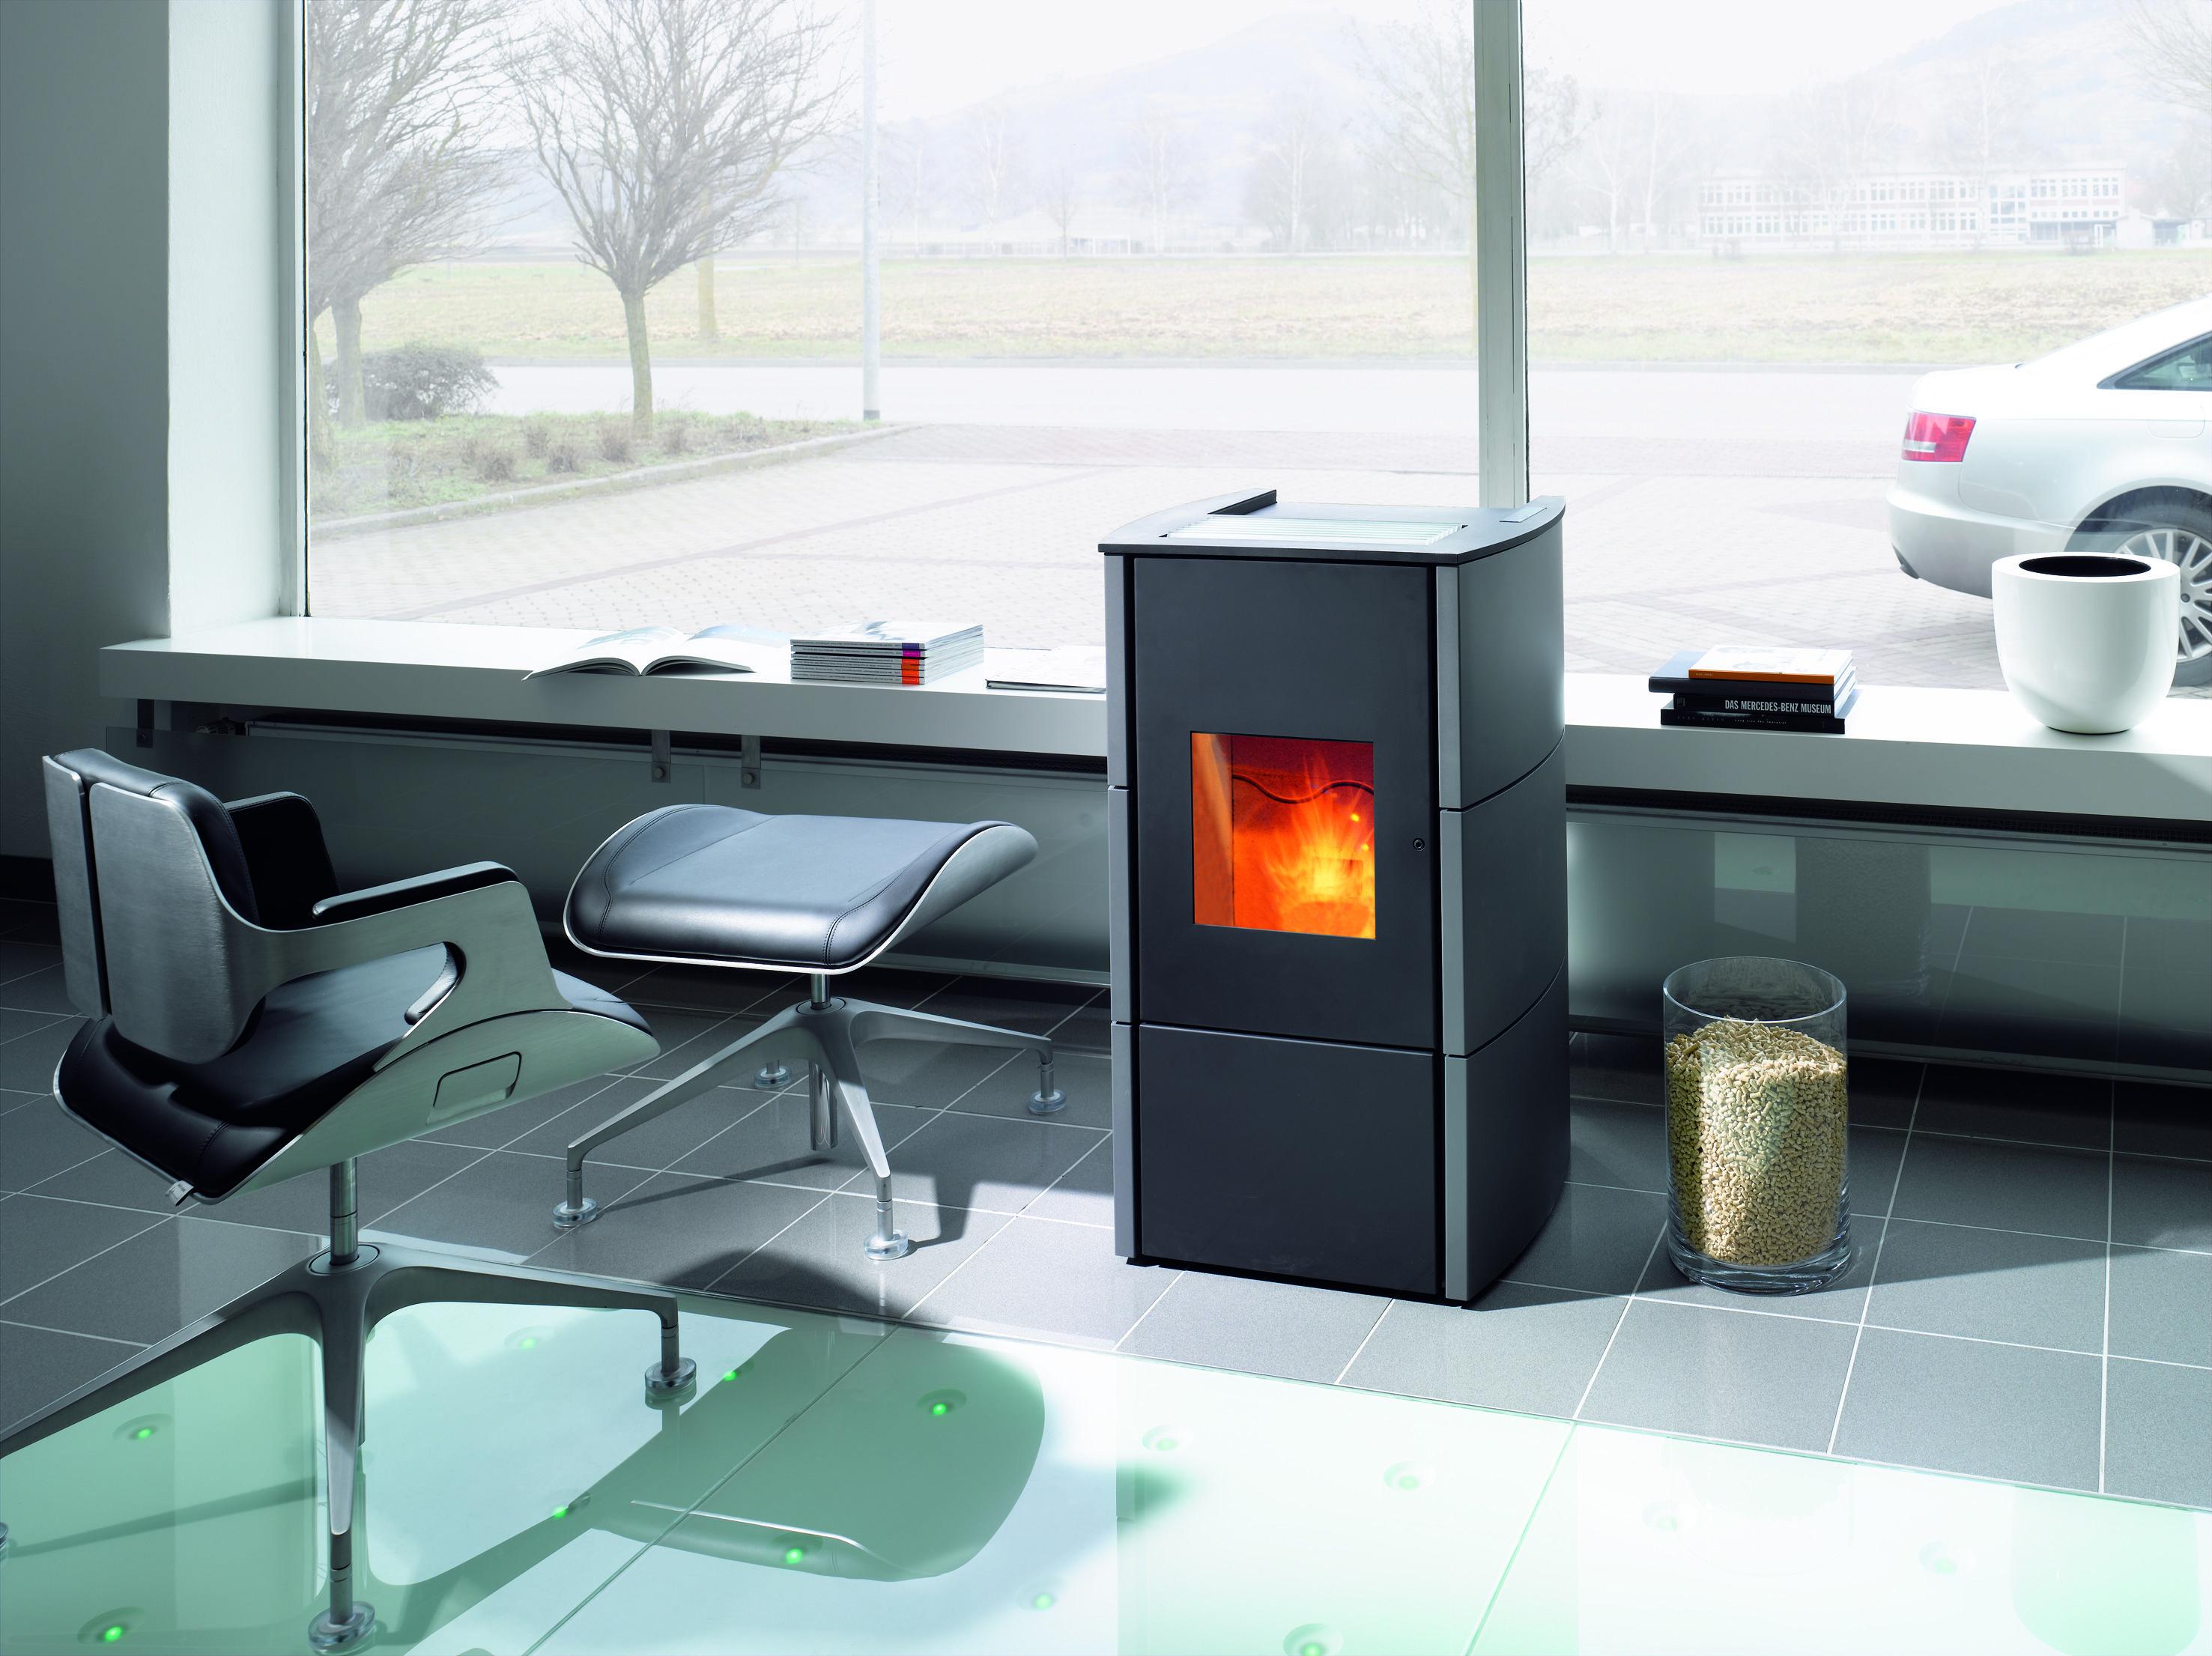 wodtke ray pelletofen wodtke pelletofen pinterest produkte freunde und partner. Black Bedroom Furniture Sets. Home Design Ideas